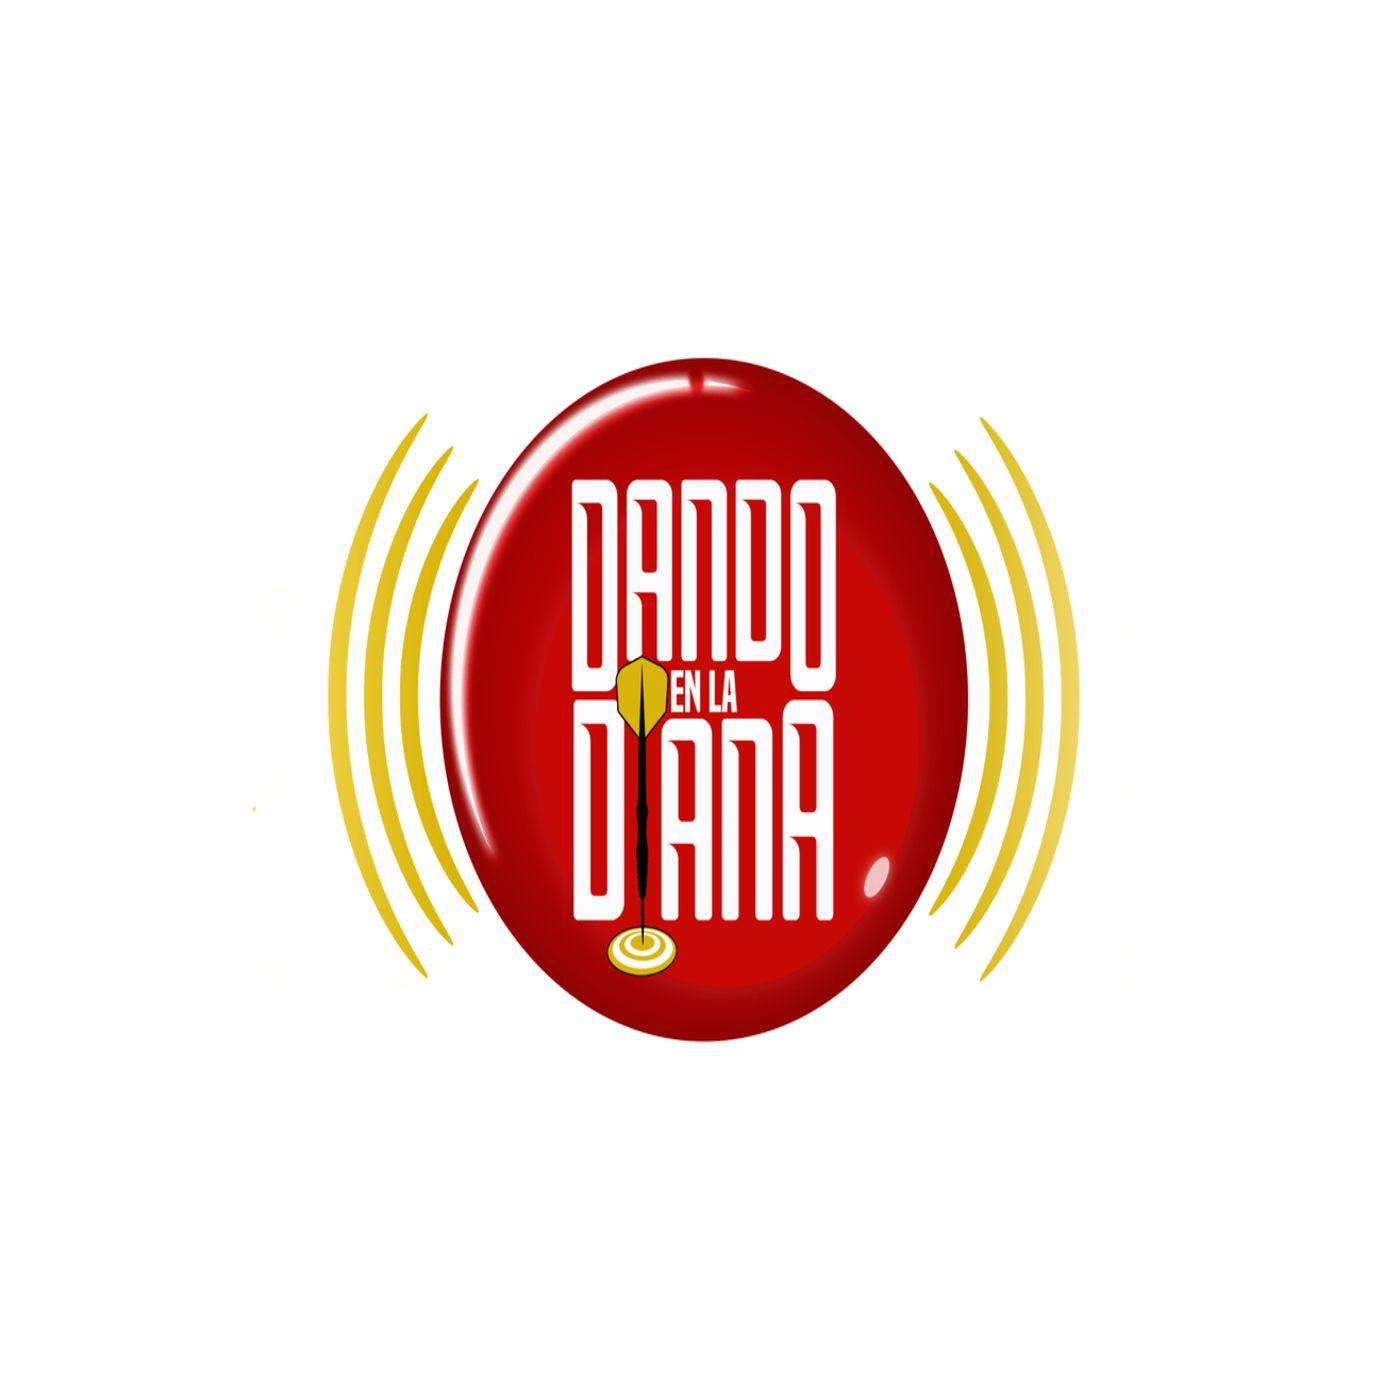 Dando en la Diana - Episodio 69 - 3 Diciembre 2020 - Dra. Katty Gomez / Lando Reyes